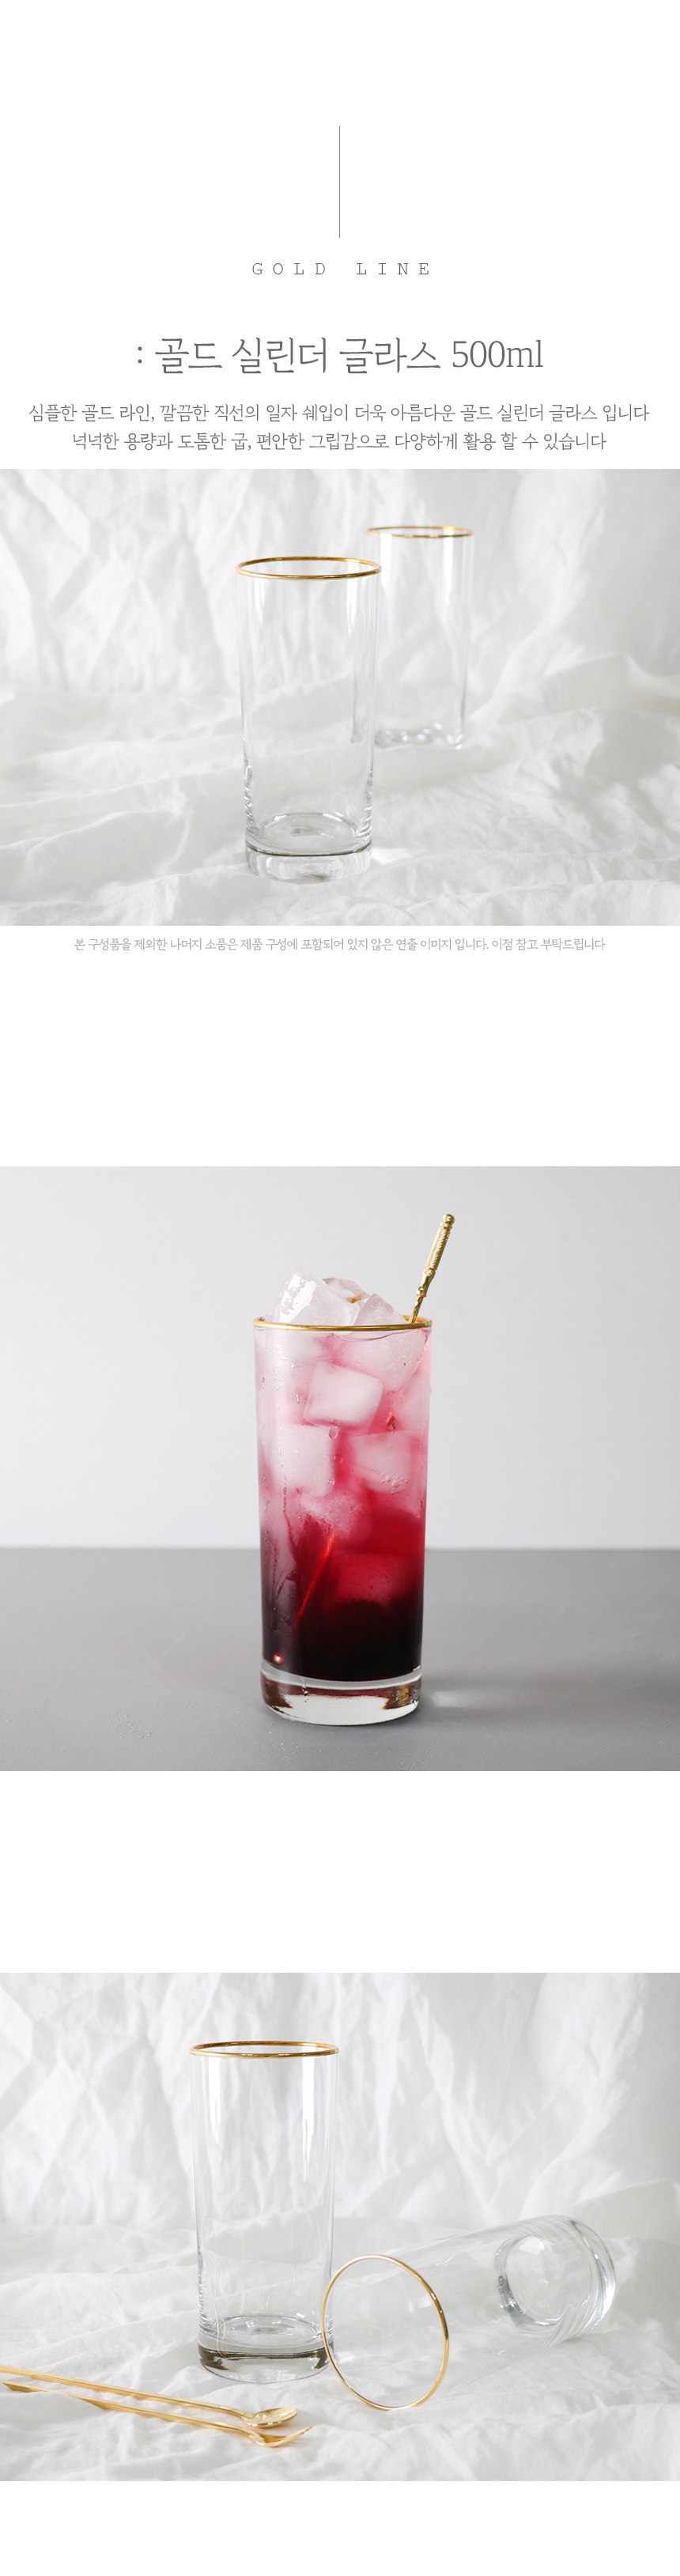 골드 실린더 카페 유리컵 500ml - 키친몰링, 7,900원, 유리컵/술잔, 유리컵